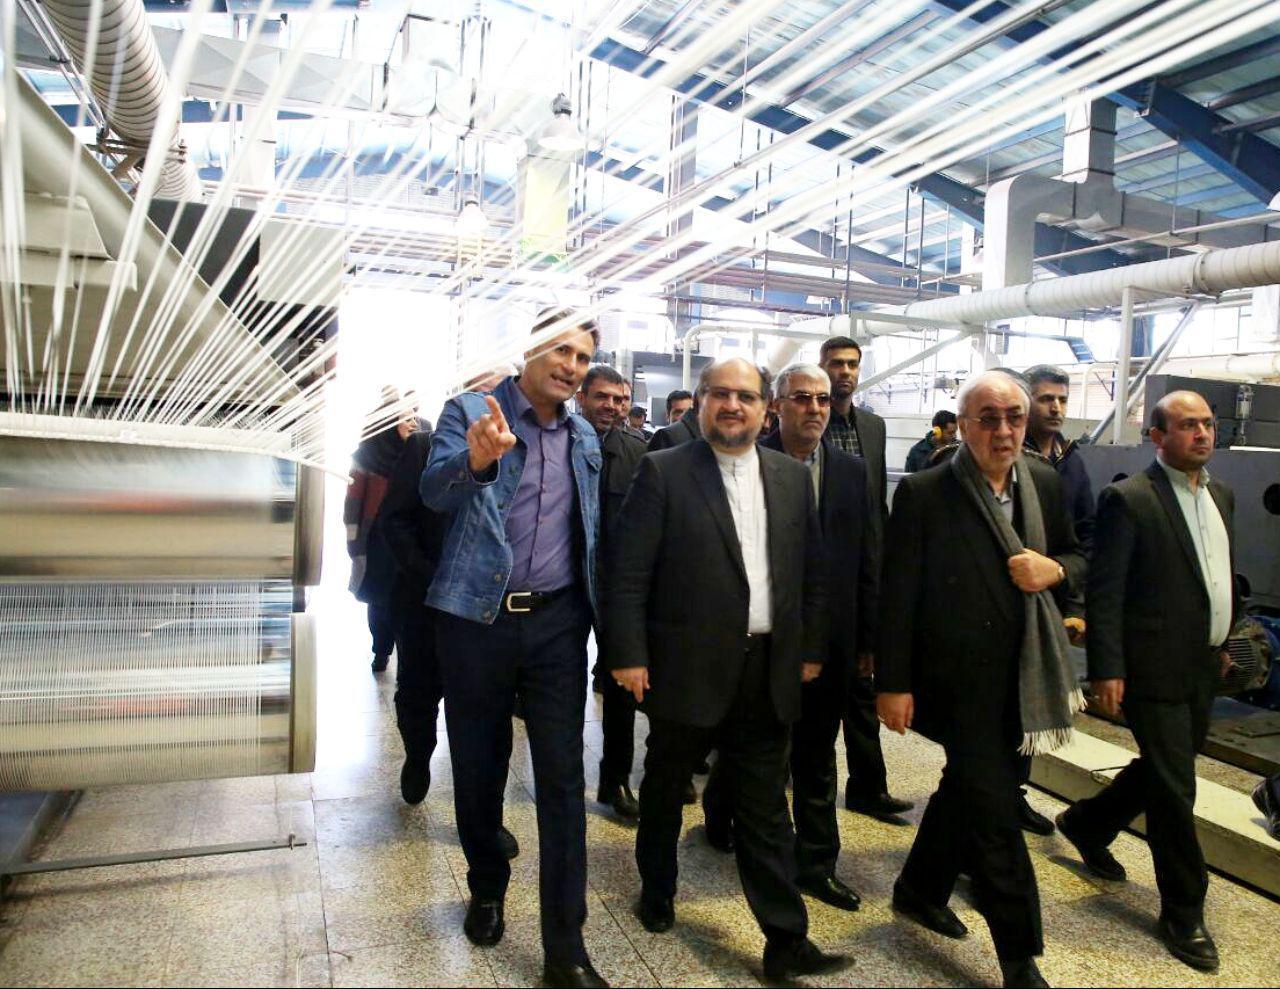 رئیس هیات عامل ایدرو از واحد صنعتی کیمیا الیاف فارس بازدید کرد